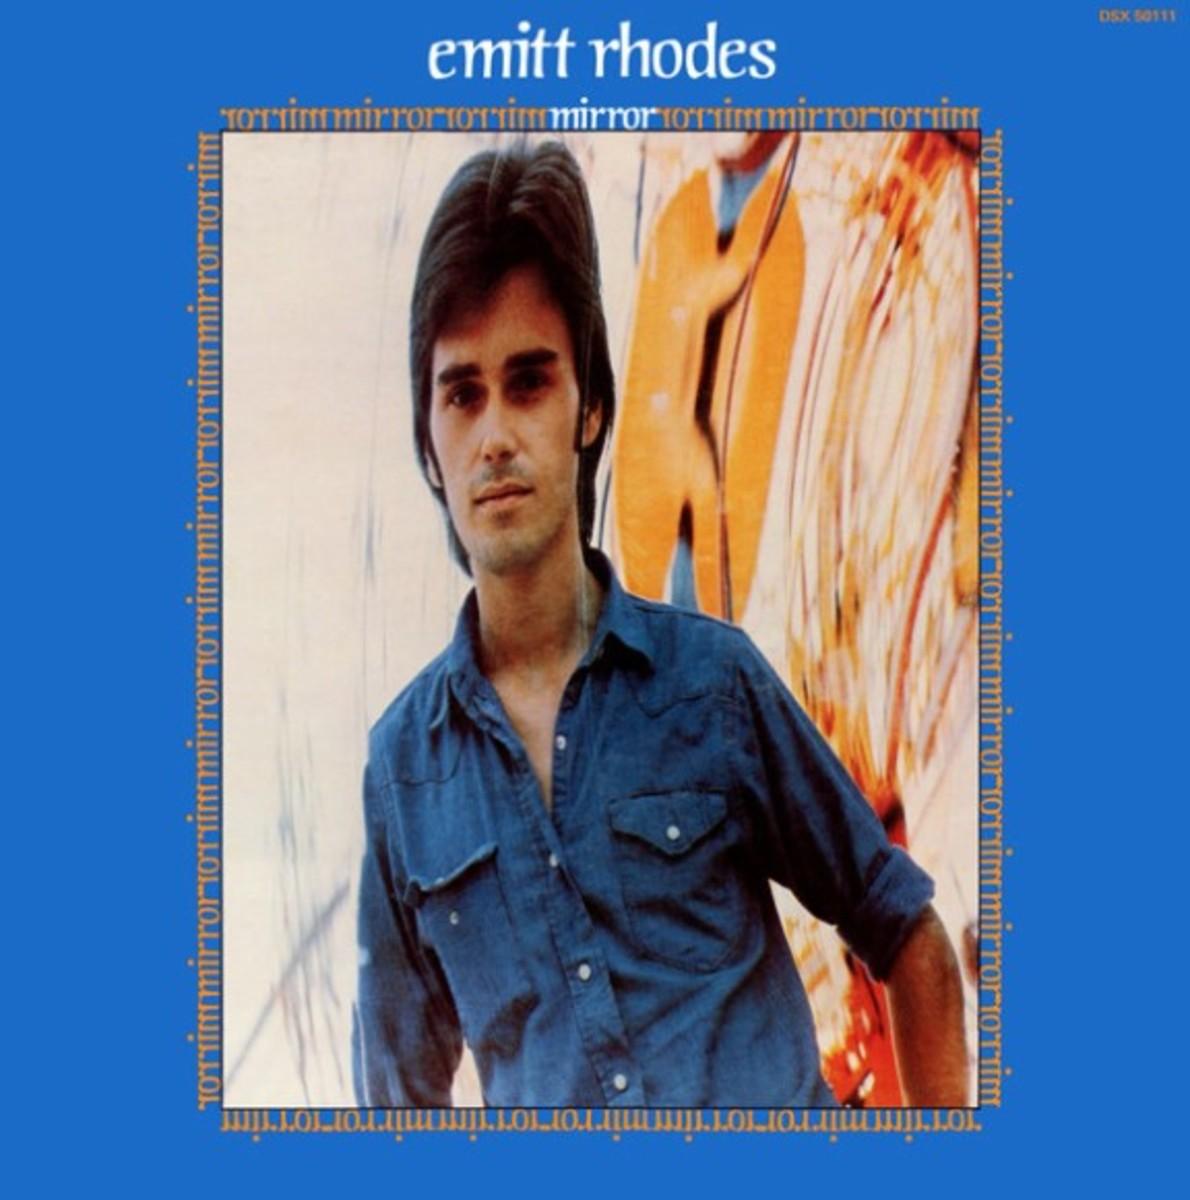 Emitt blue